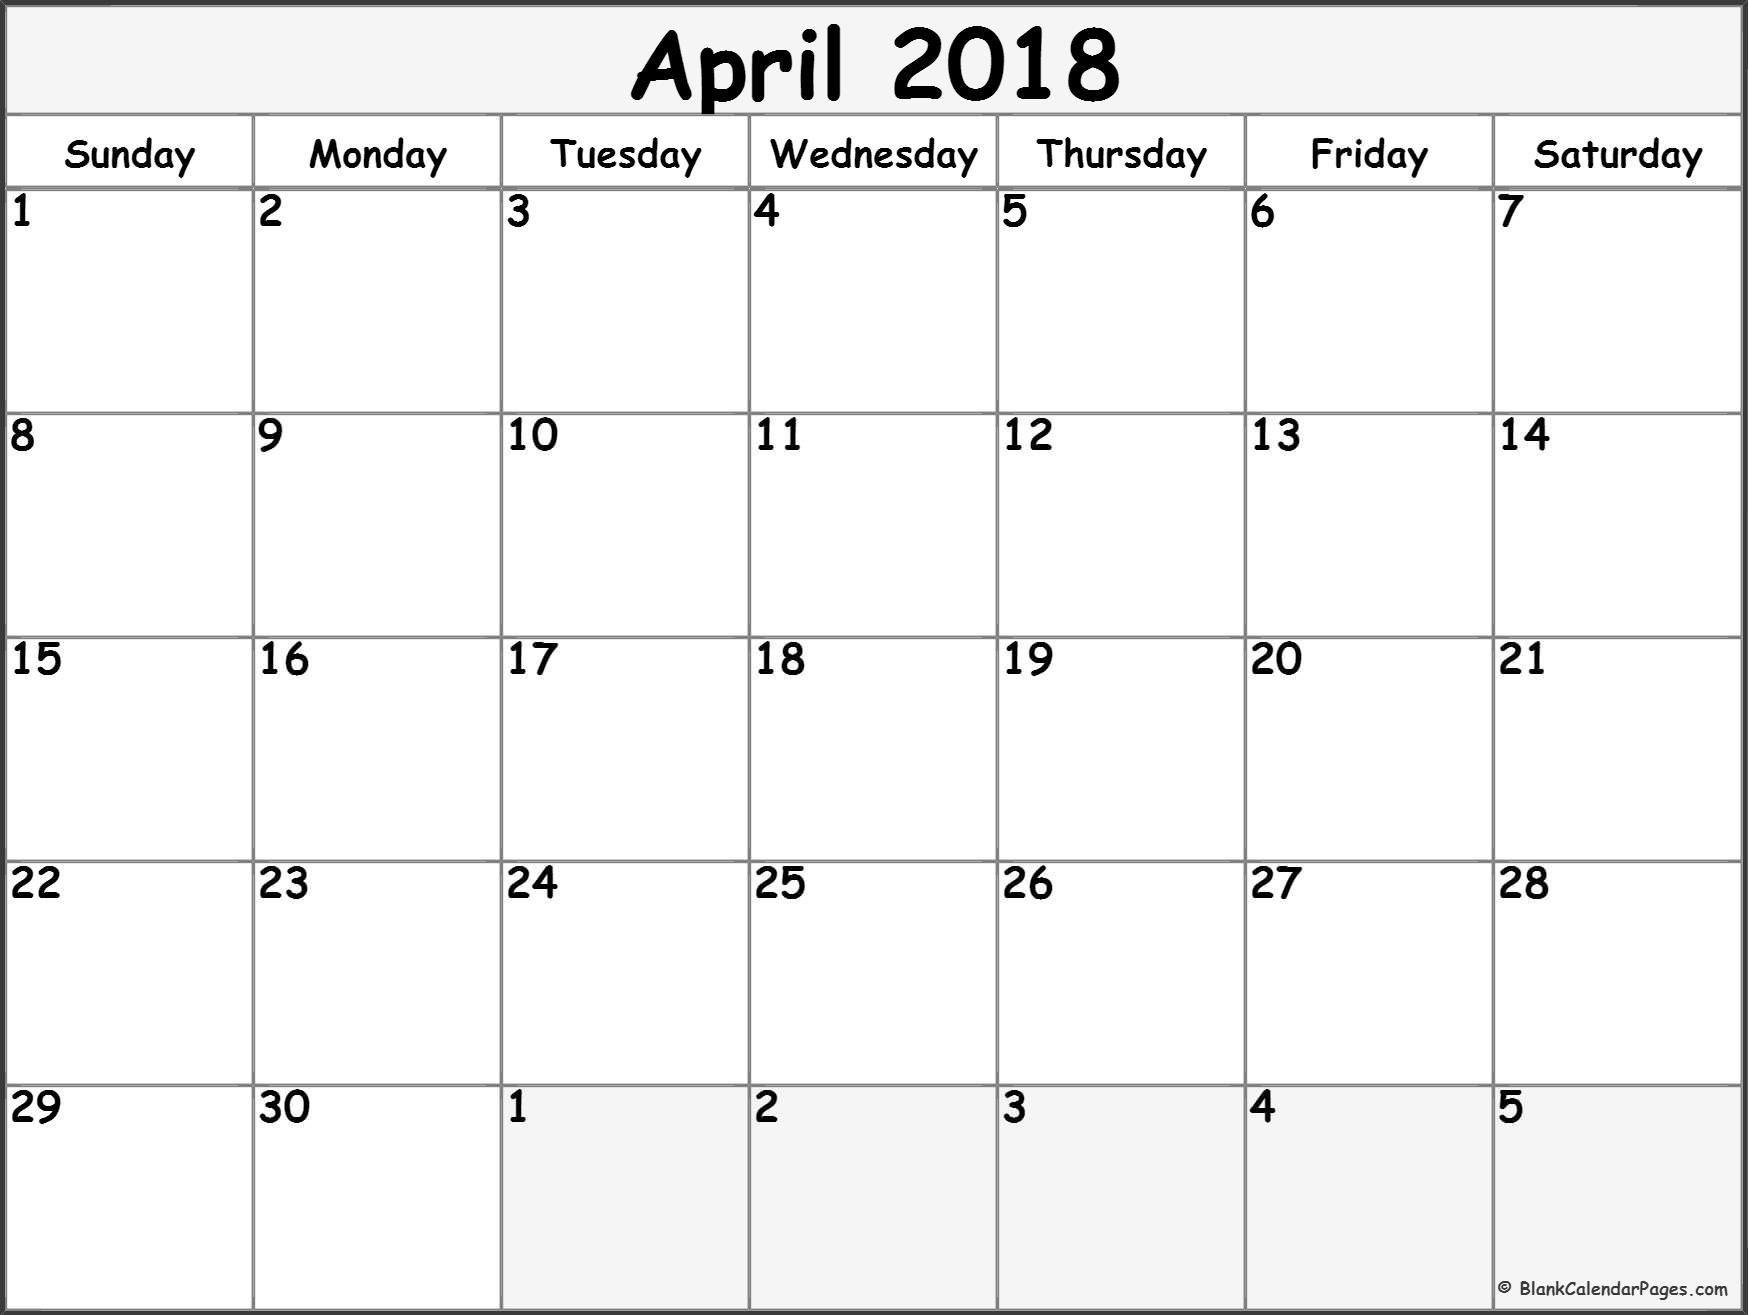 Calendario Enero 2019 Para Imprimir A4 Más Populares Calendario Octubre 2018 77ld Calendarios T Calendar Of Calendario Enero 2019 Para Imprimir A4 Actual Calendario Diciembre De 2019 53ld Calendario T